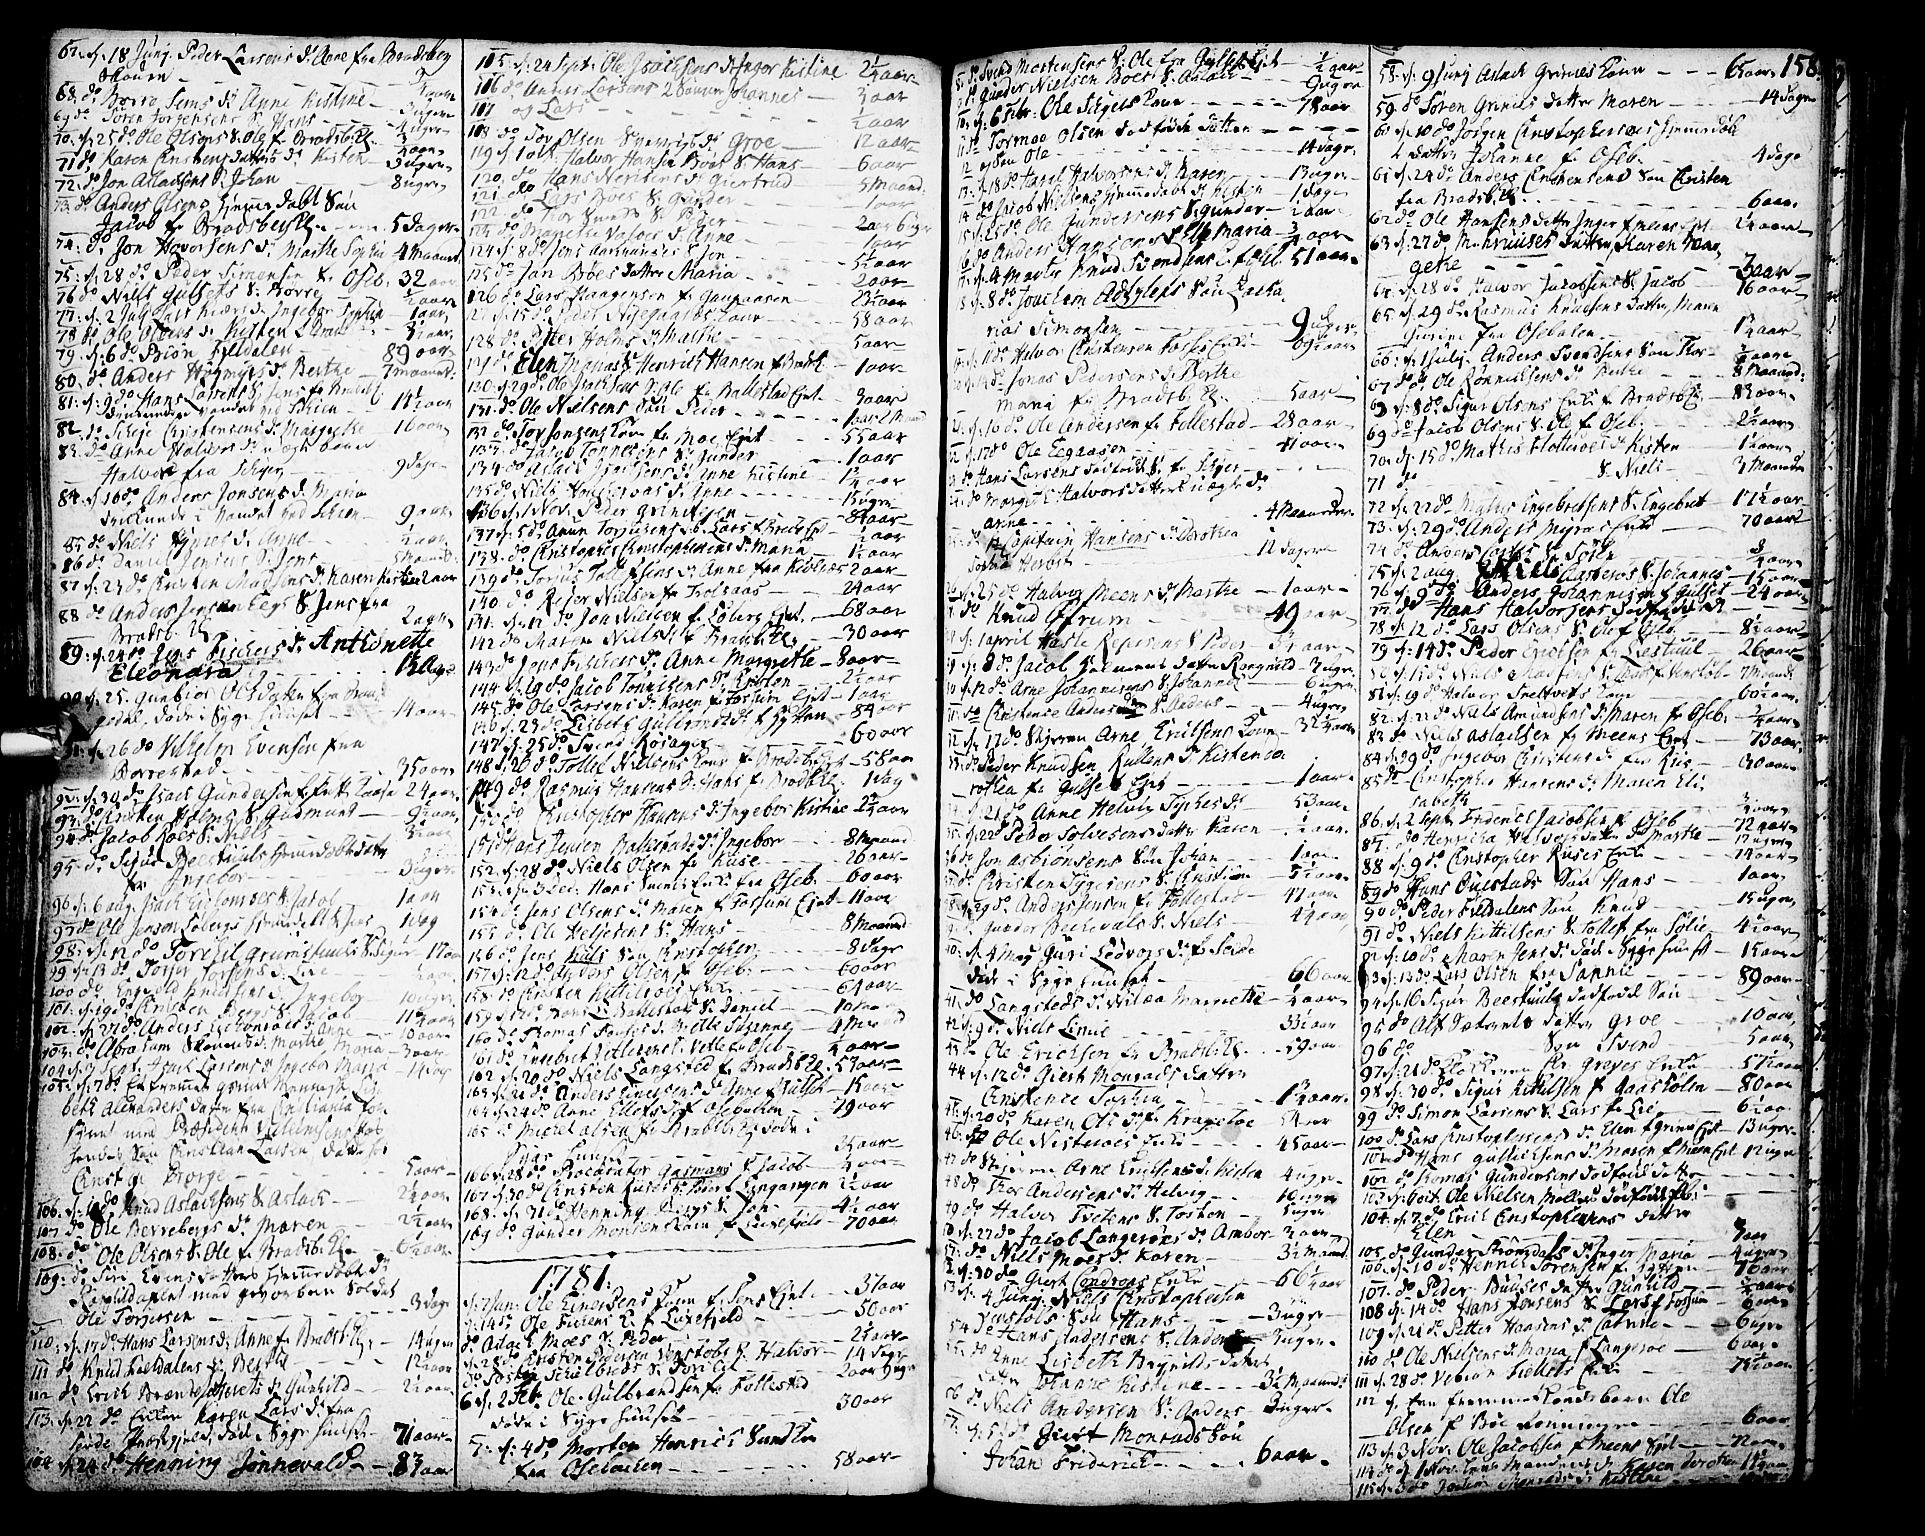 SAKO, Gjerpen kirkebøker, F/Fa/L0002: Ministerialbok nr. 2, 1747-1795, s. 158